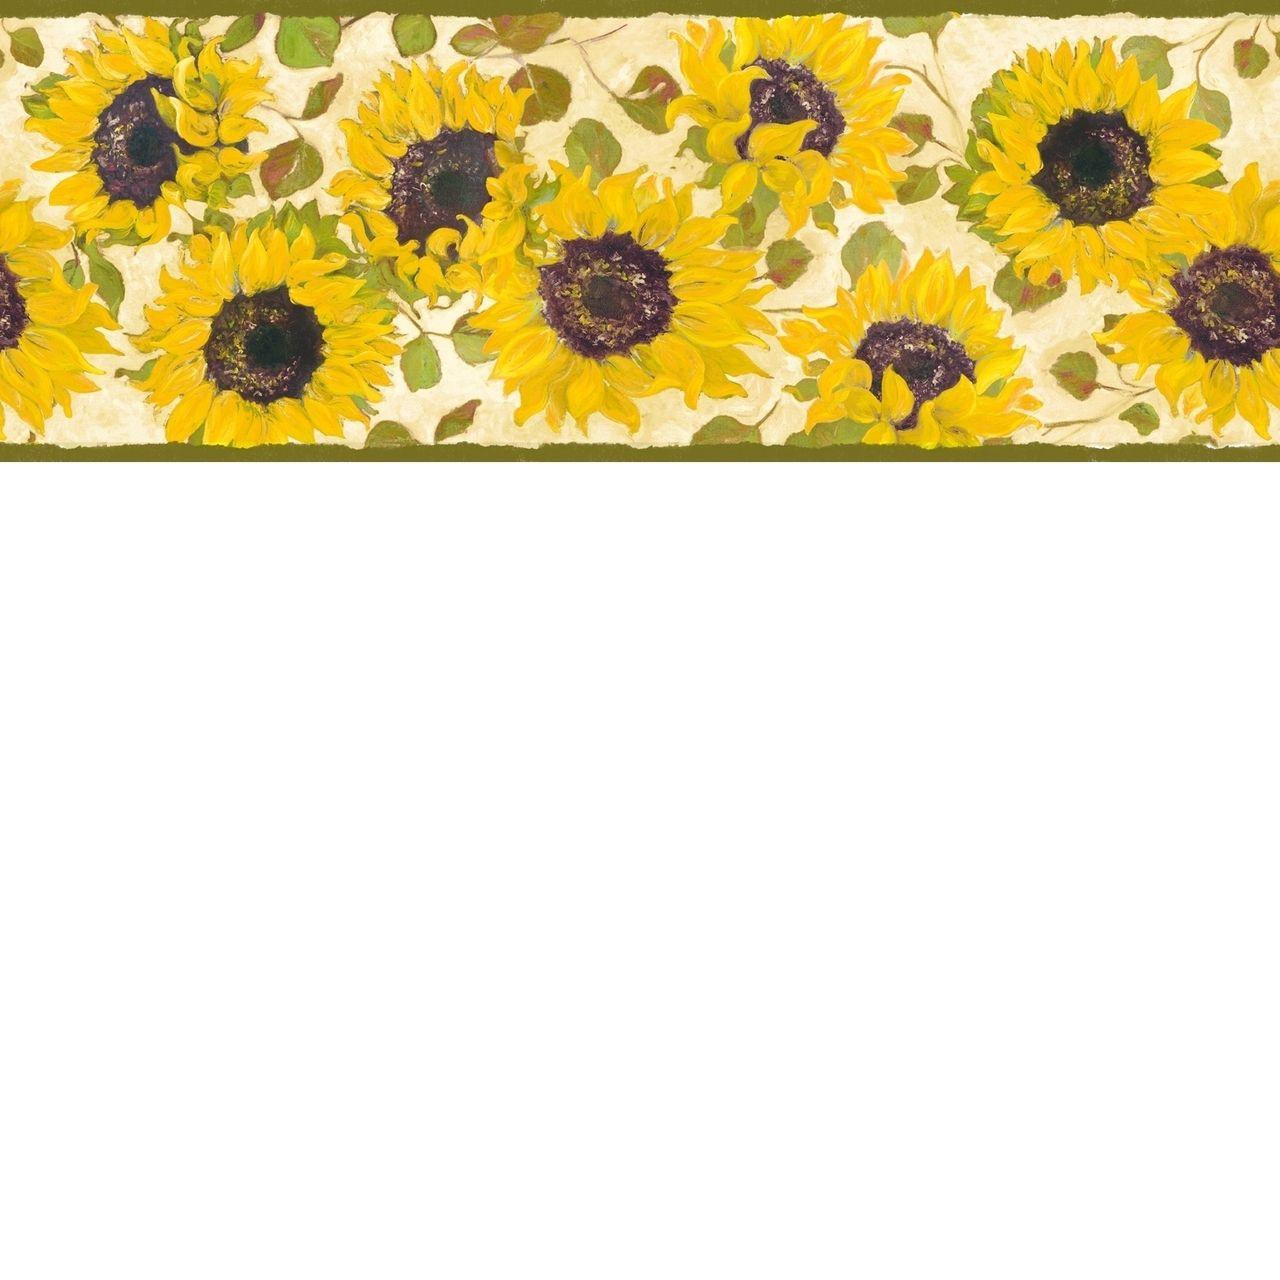 Papermywalls Family Friends Summer Fields Sunflowers Wallpaper Border Ffr65411b